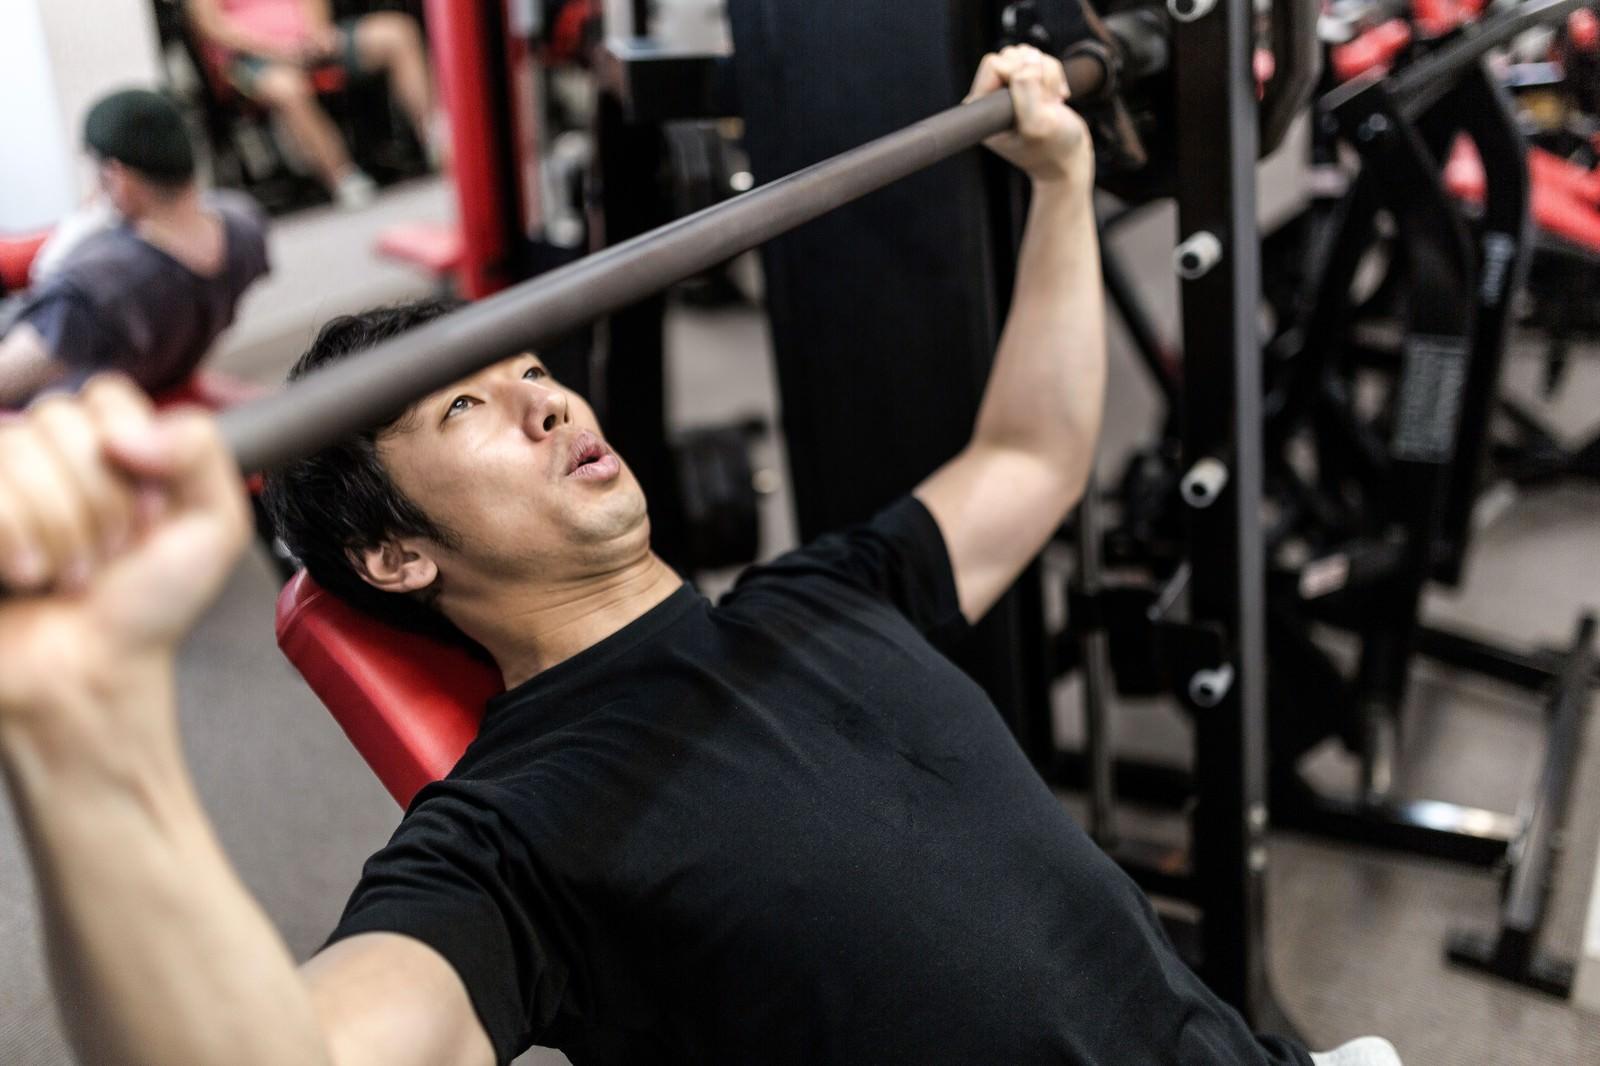 「バーベルを握る位置がわからないトレーニング初心者」の写真[モデル:大川竜弥]